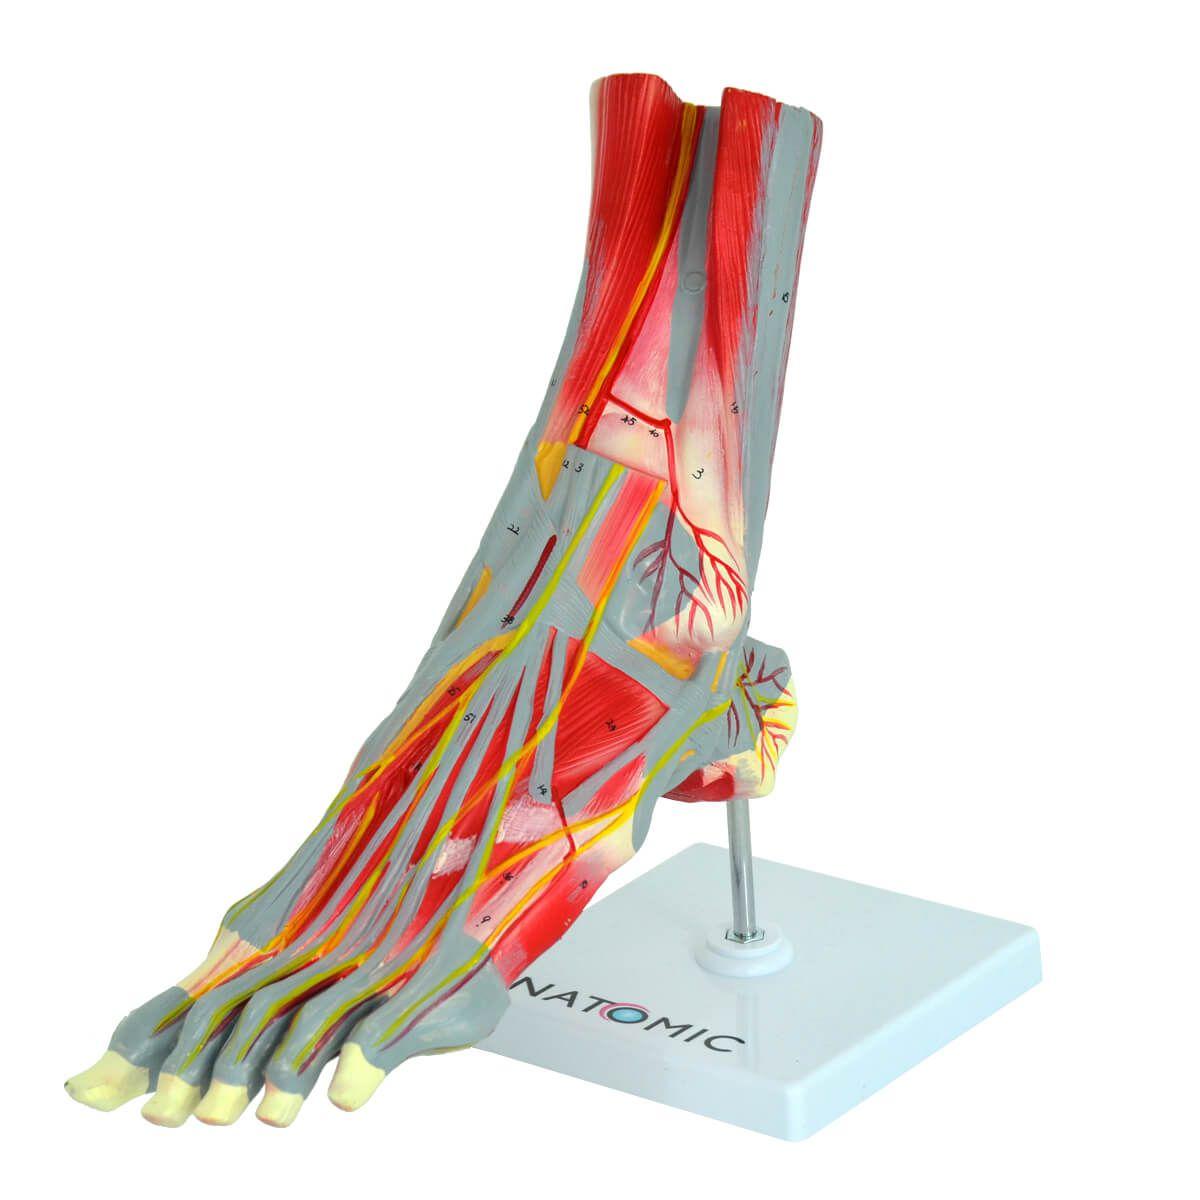 Modelo Anatomico Pé Muscular, com Principais Vasos E Nervos, em 9 Partes